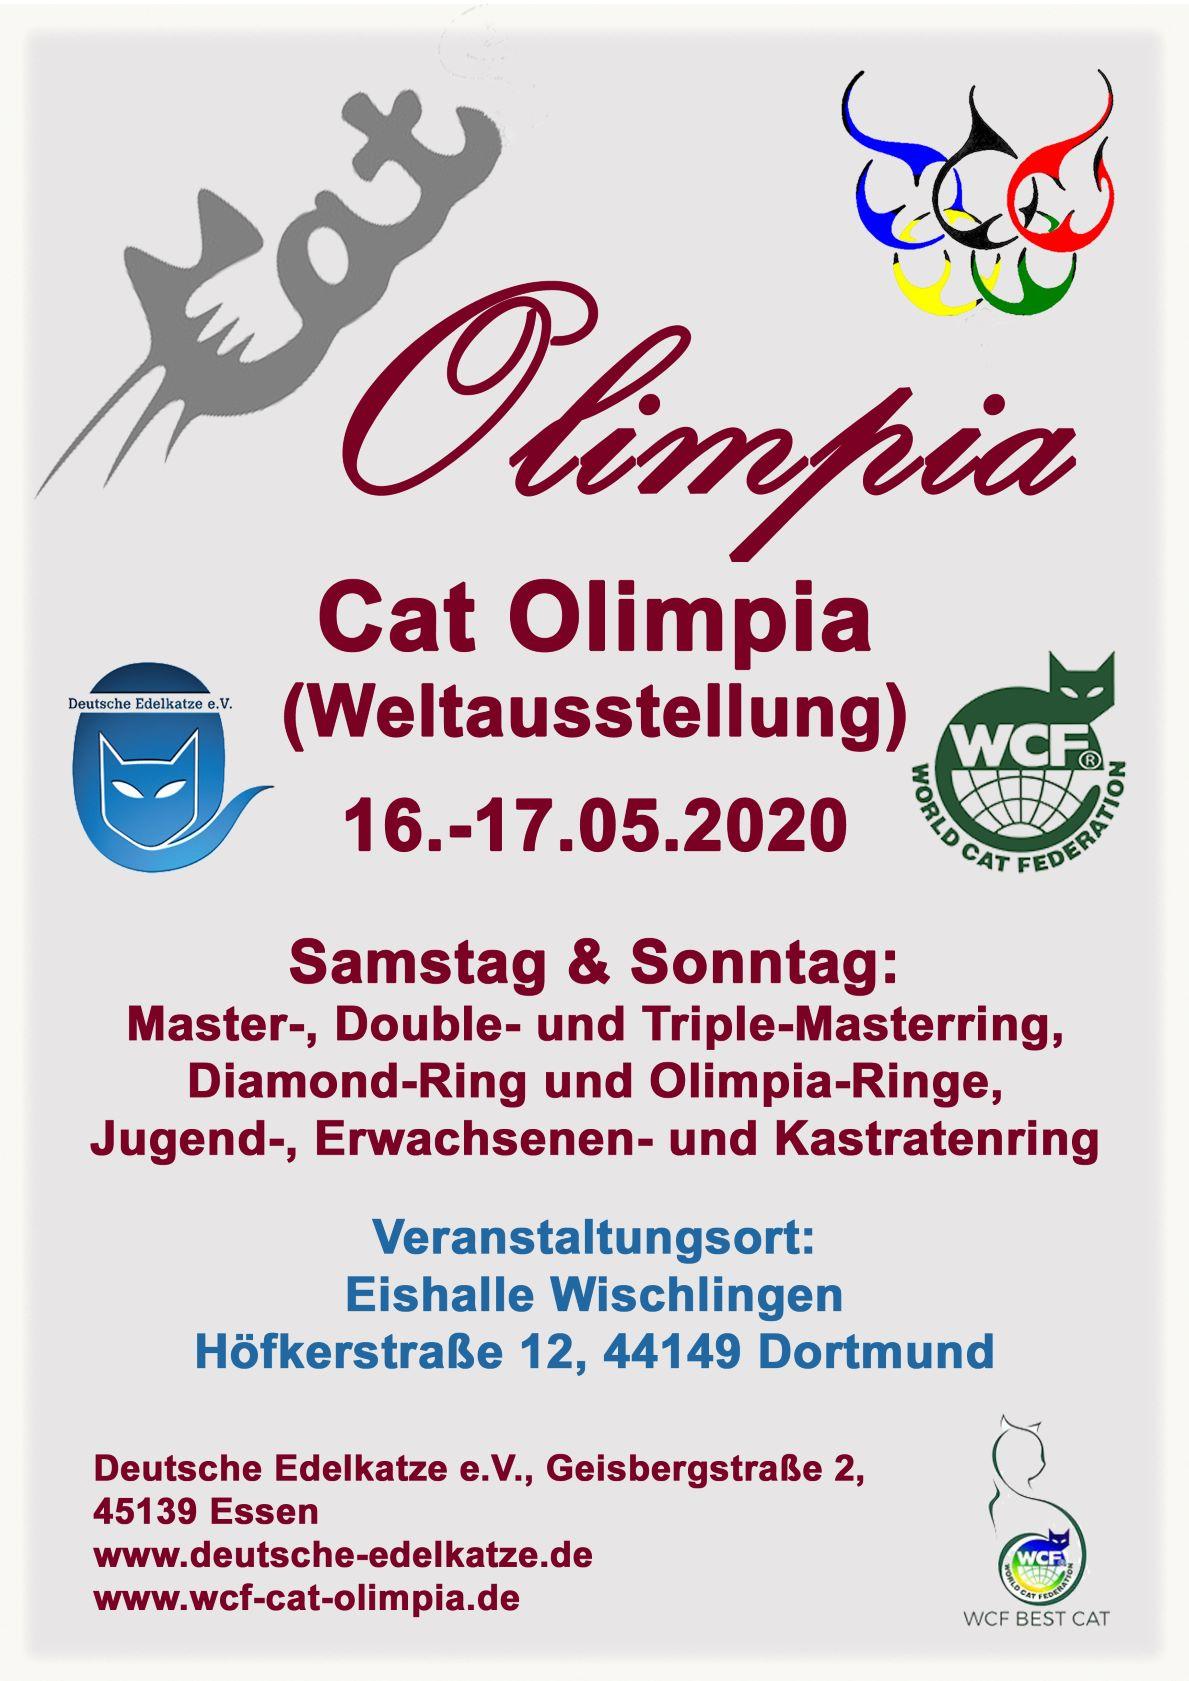 WCF Worldshow / Cat Olimpia